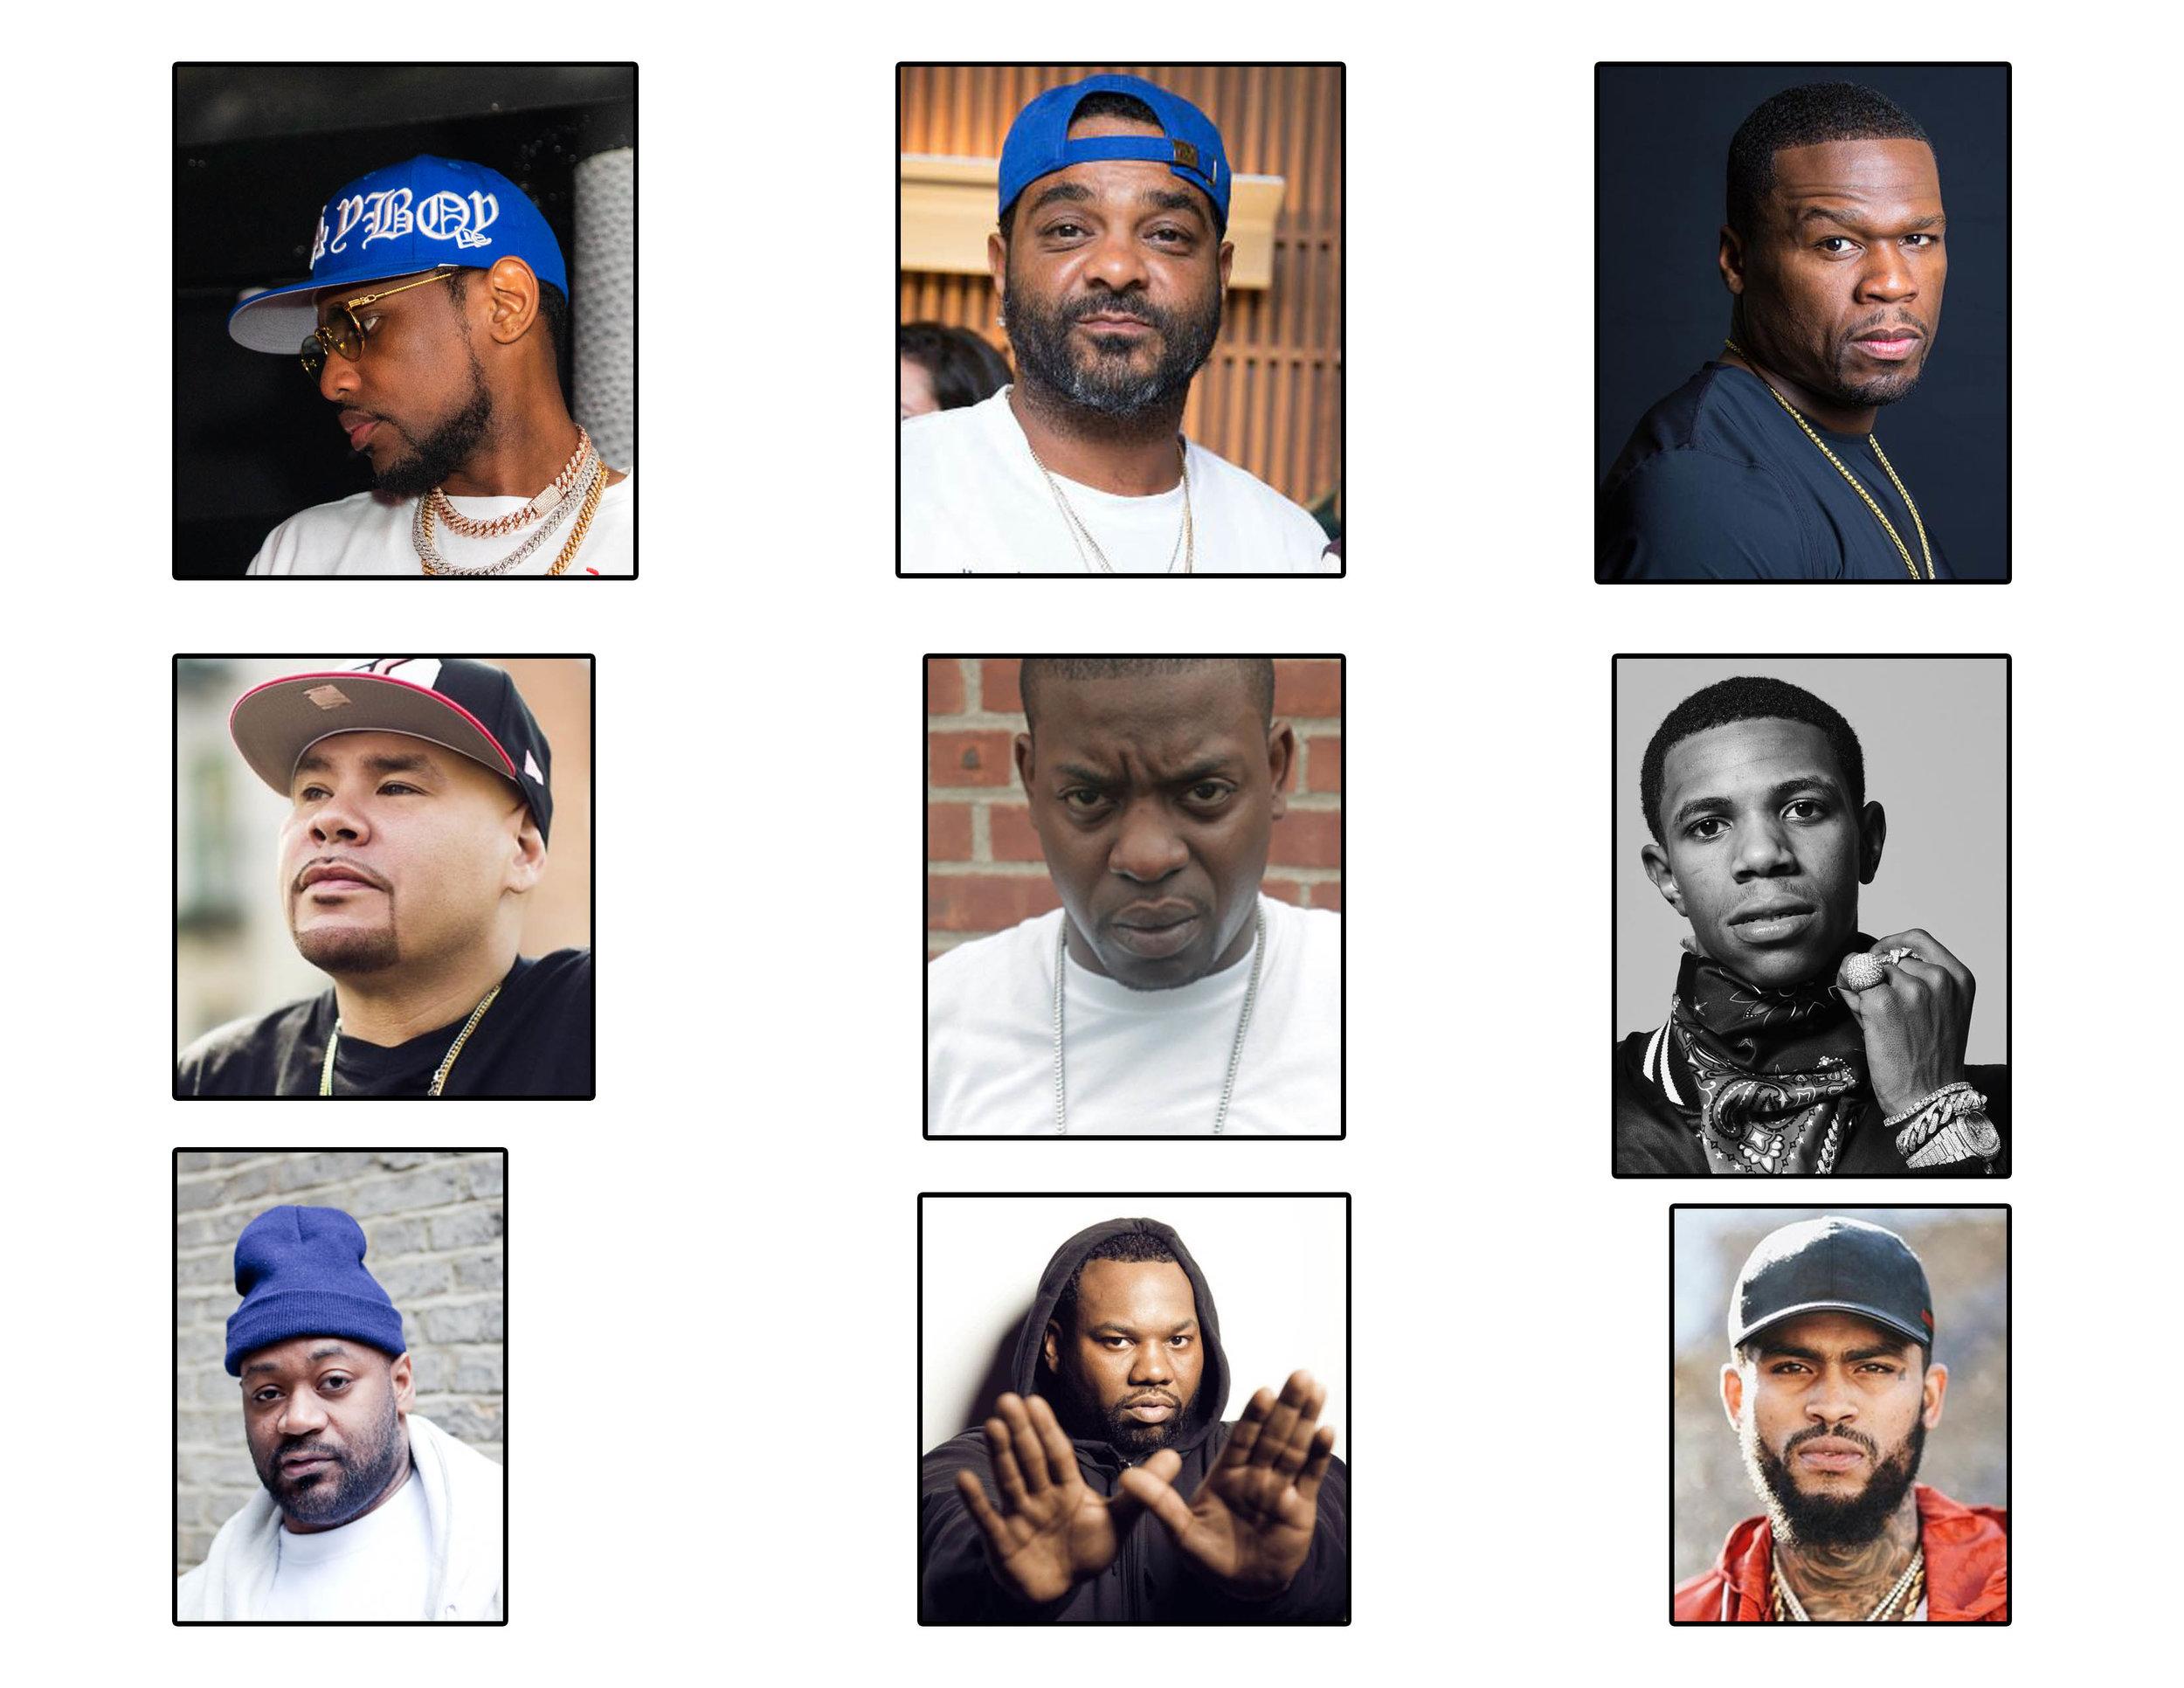 Brooklyn- Fabolous, Uncle Murda    Harlem- Dave East, Jim Jones    Queens- Clue, 50 Cent    Staten Island- Raekwon, Ghostface    Bronx- A Boogie, Fat Joe